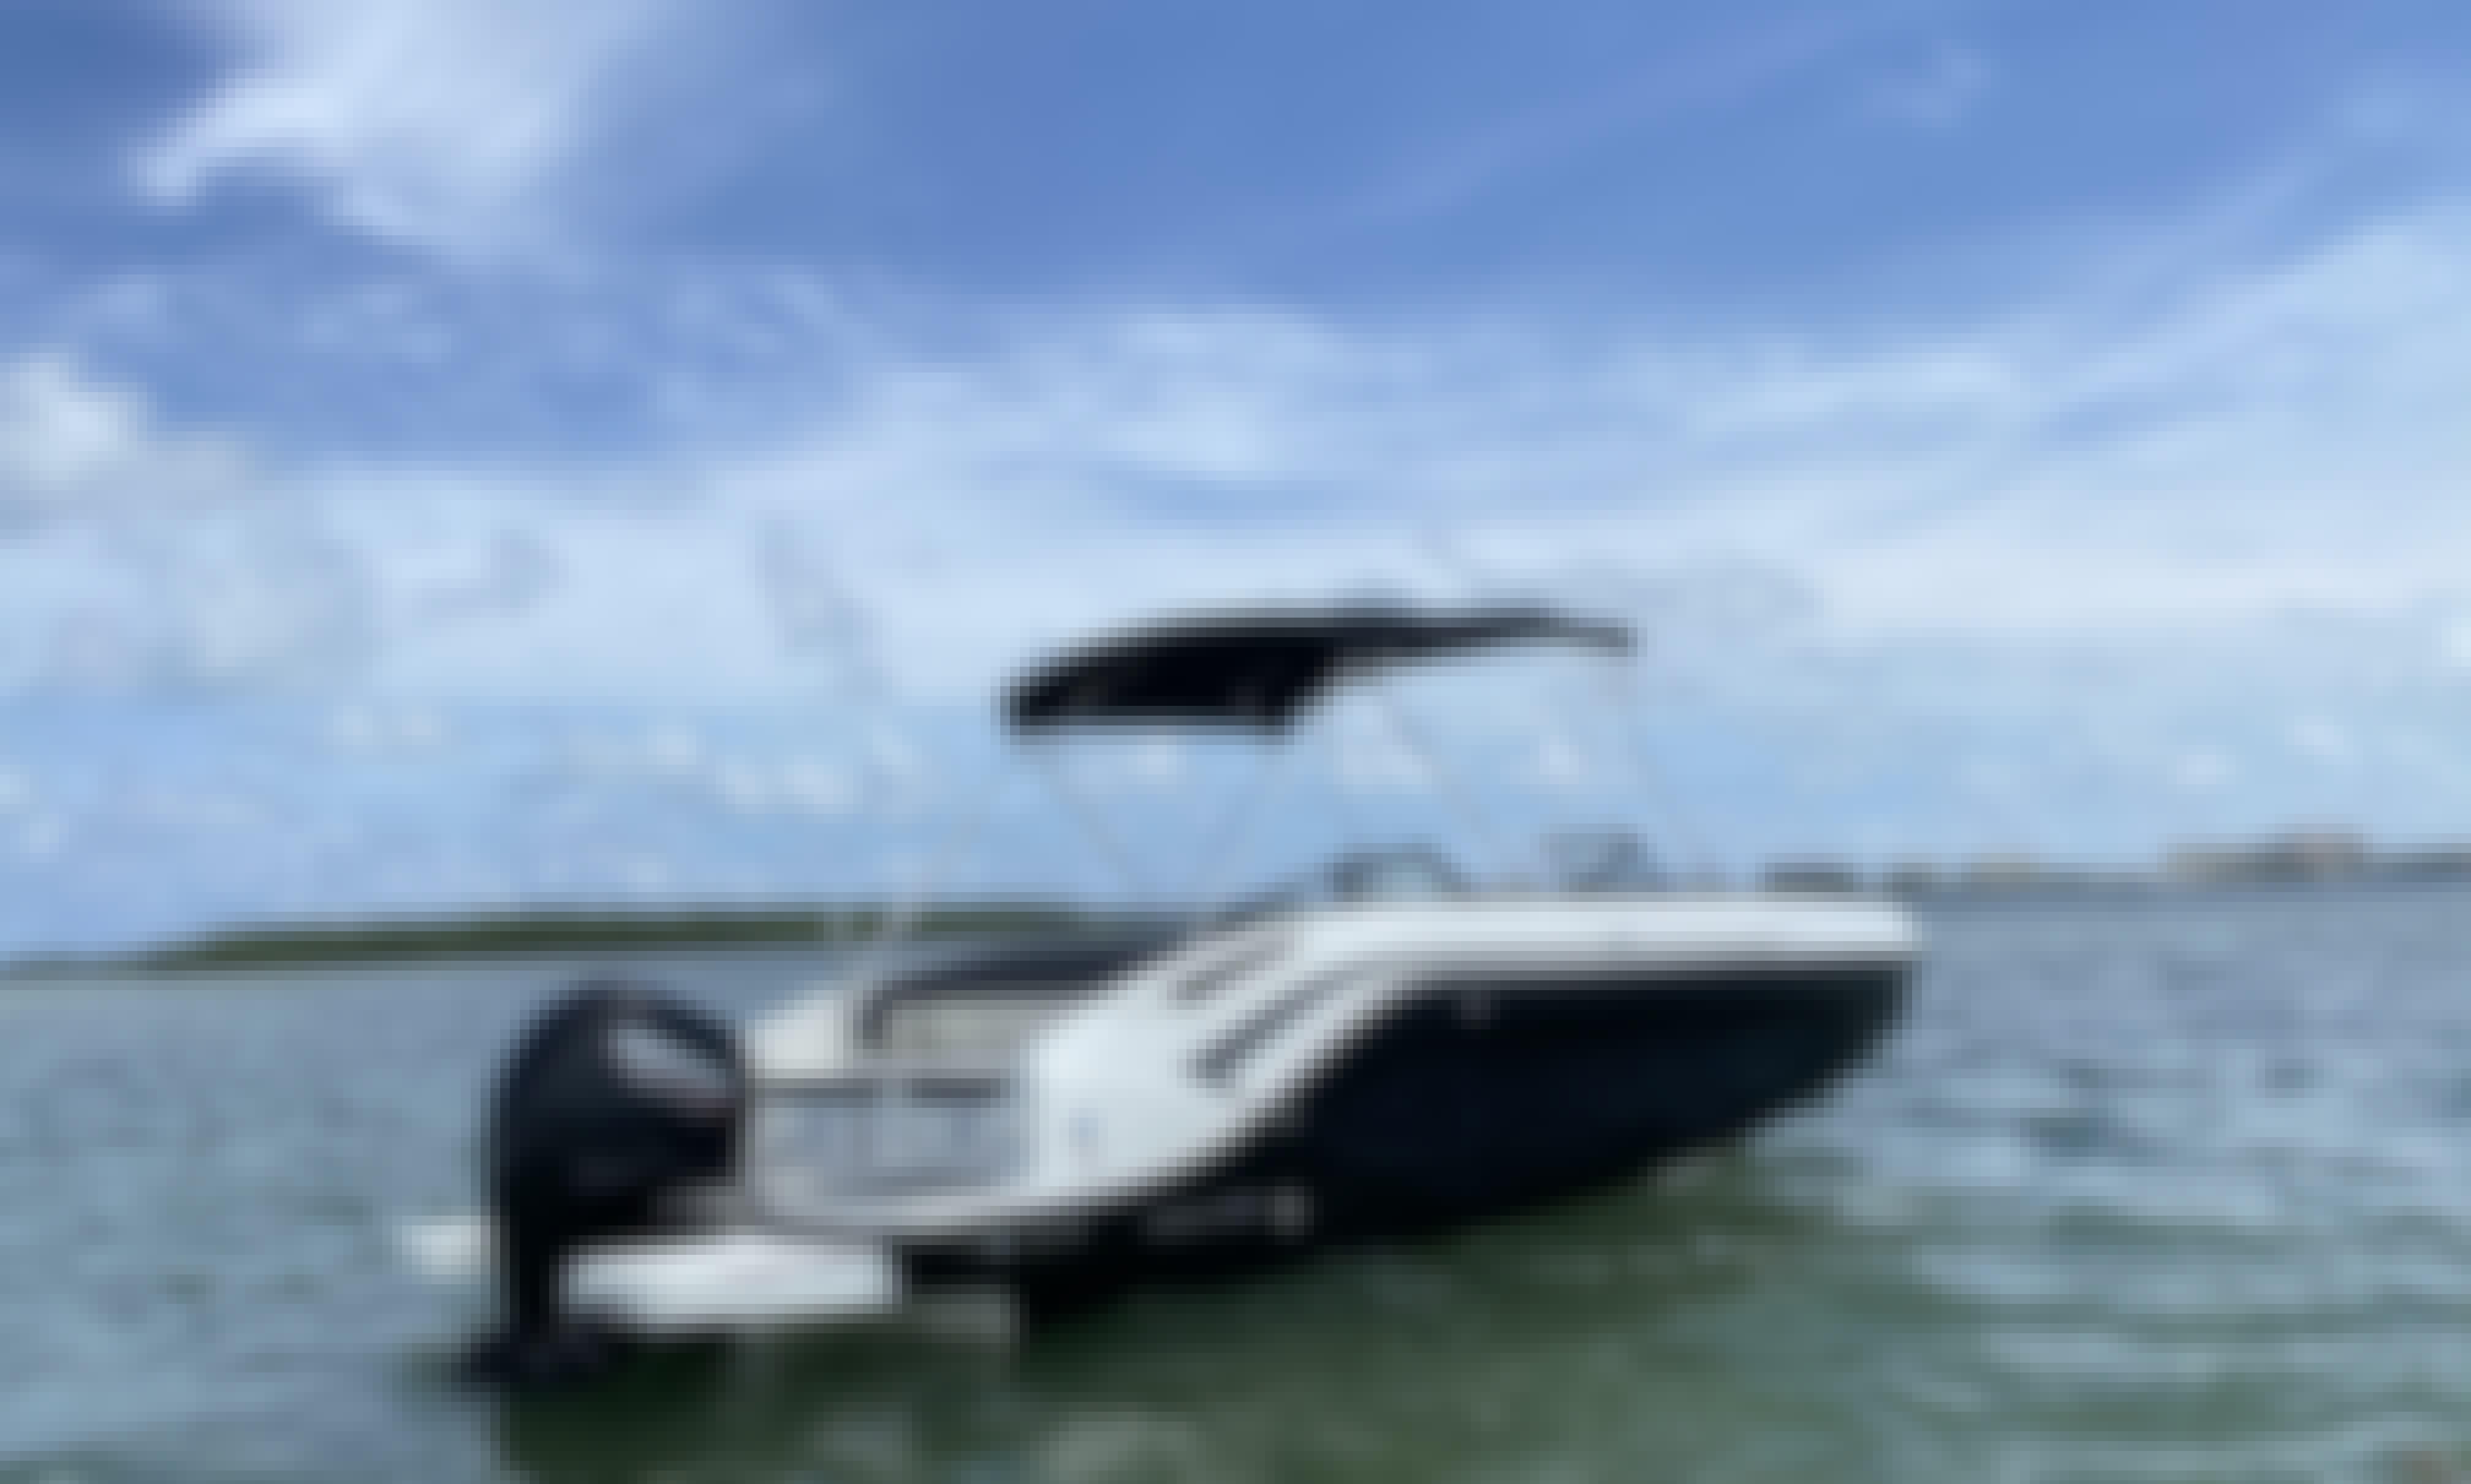 """Bayliner DX2200 """"Sur"""" Brandnew Boat for Rent in Key Biscayne, Florida!"""